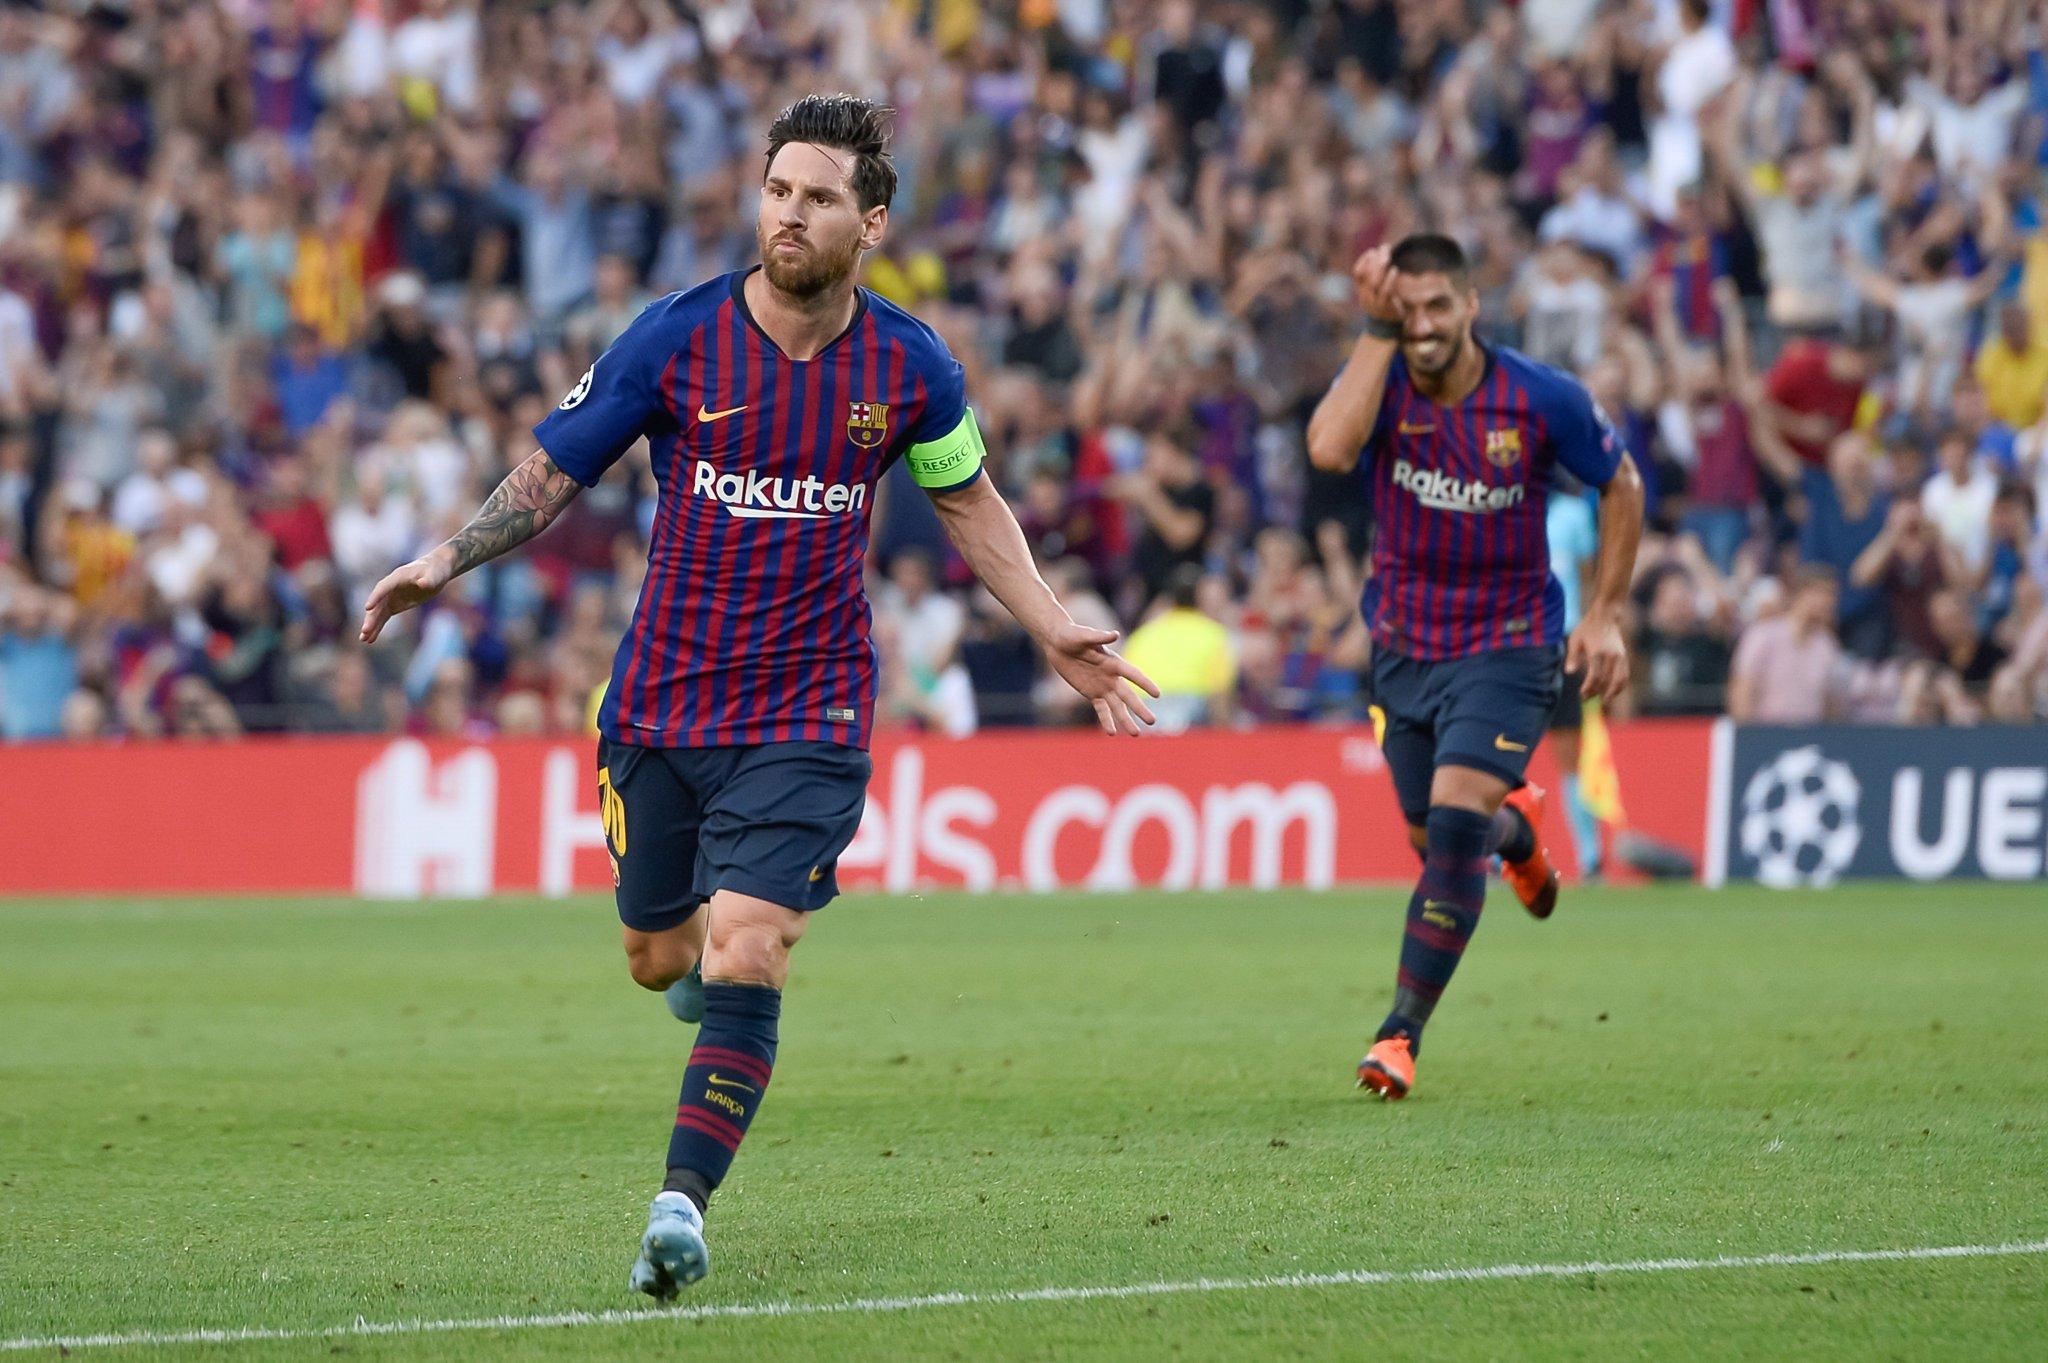 صور مباراة : برشلونة - PSV إندهوفن 4-0 ( 18-09-2018 )  DnZSZ-nW0AAVQ5o